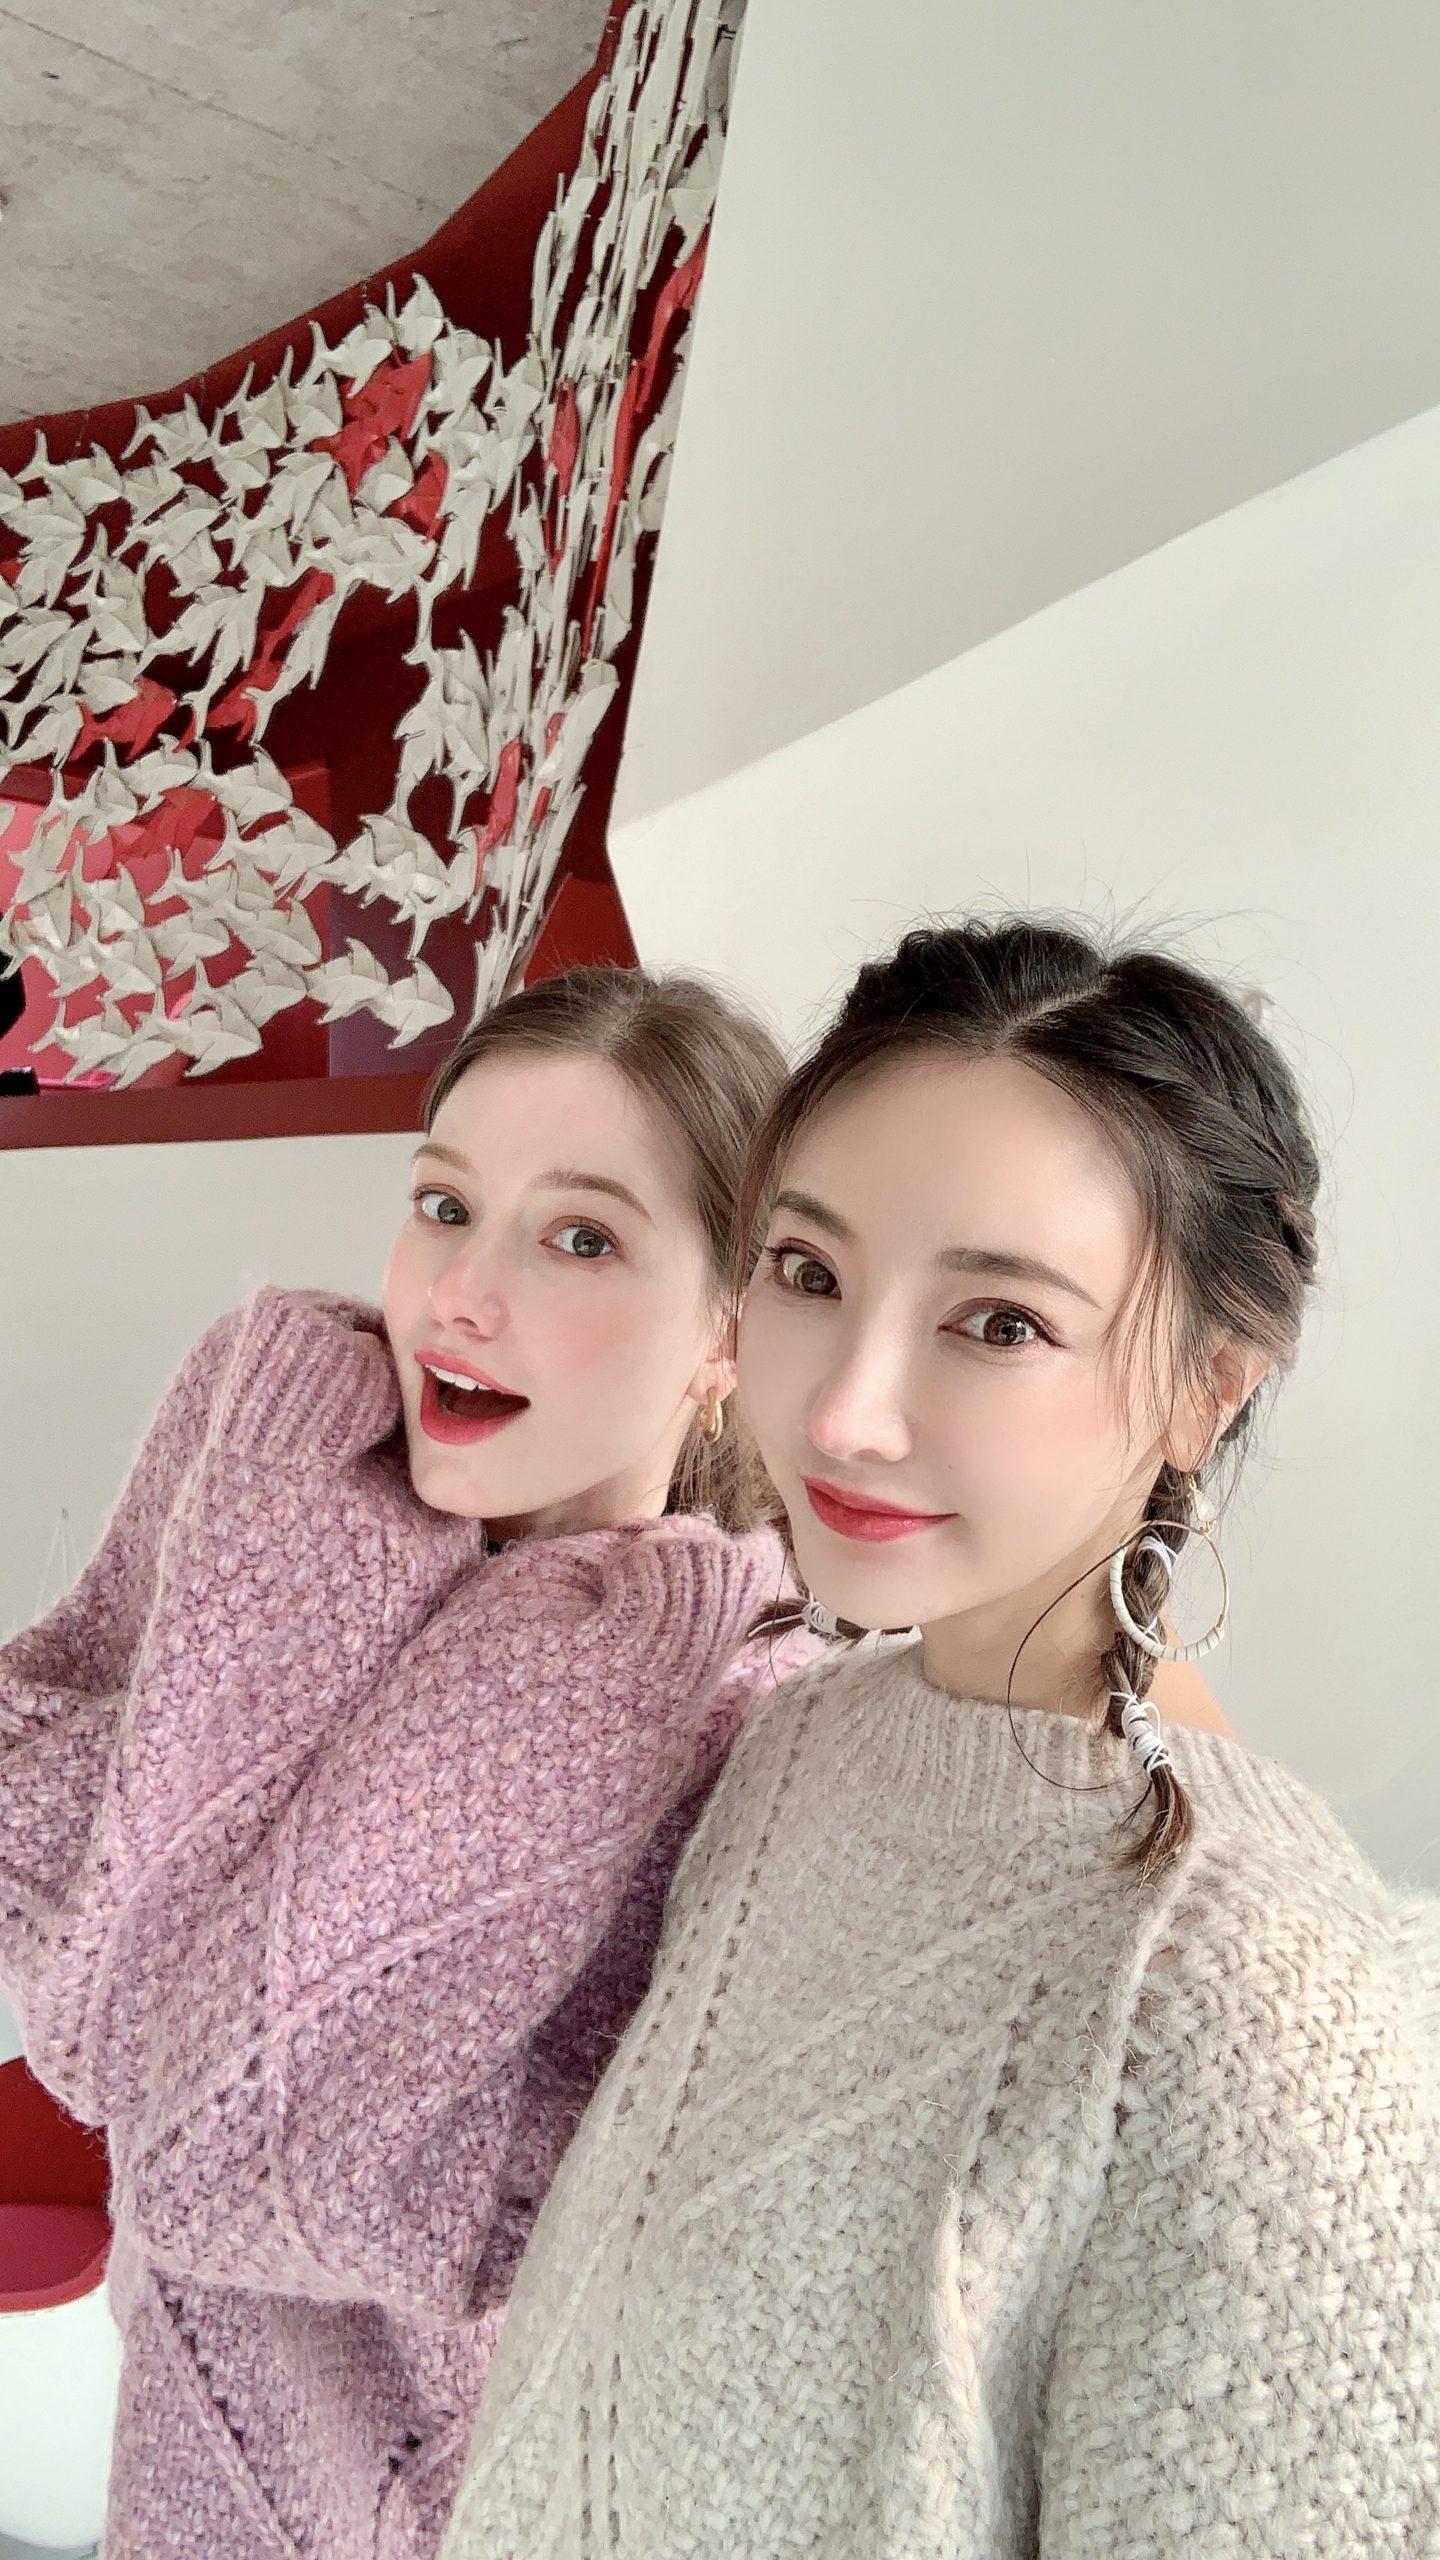 (左:Anastasia Cebulska 秦妃 右:Christine Wei/クリスティン・ウェイ氏)